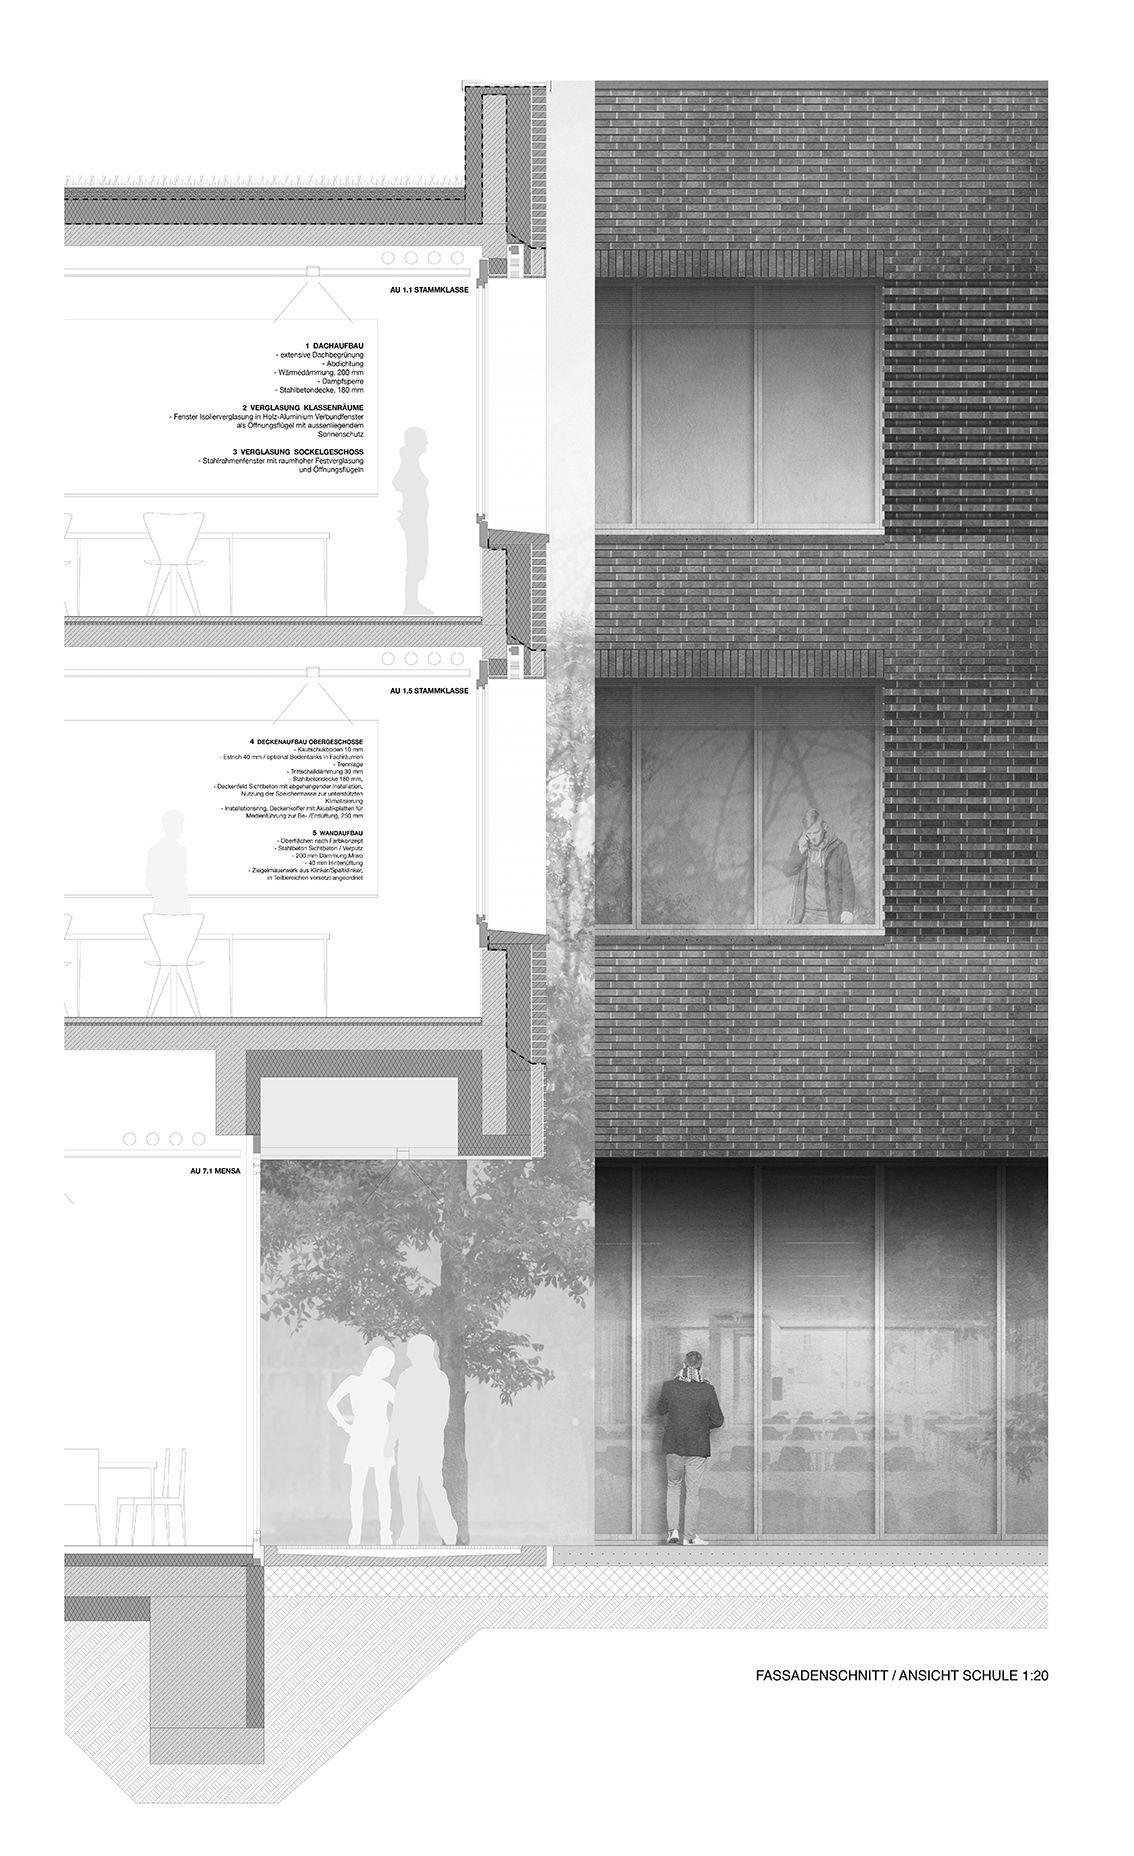 Ansicht Architektur fassadenschnitt ansicht schule m 1 20 fassaden